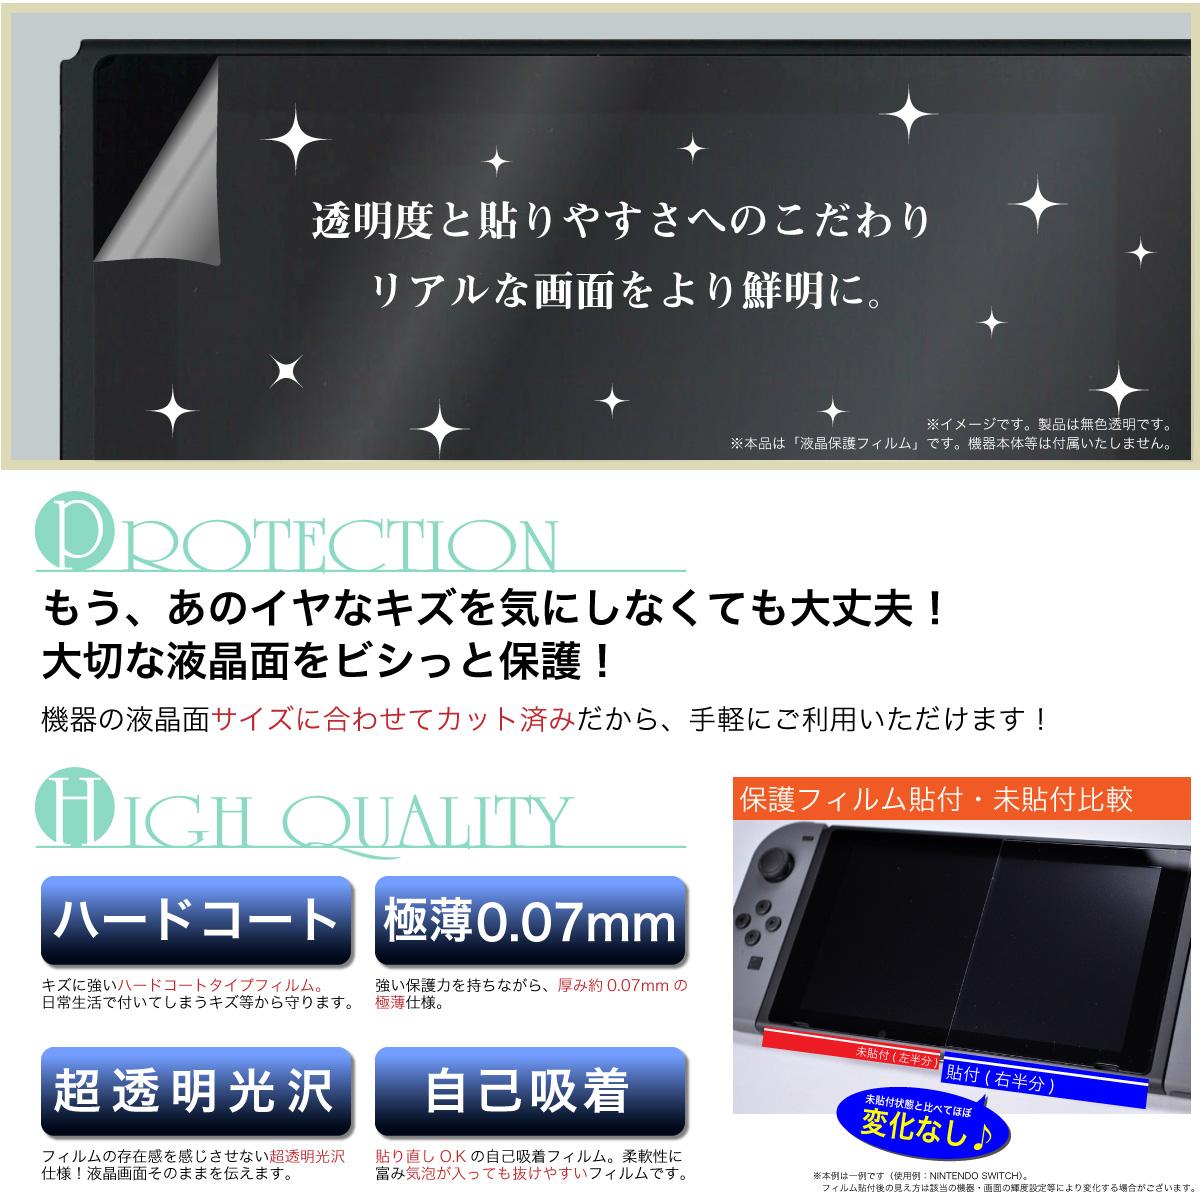 キッズフォン 701ZT 専用液晶保護フィルム 3台分セット